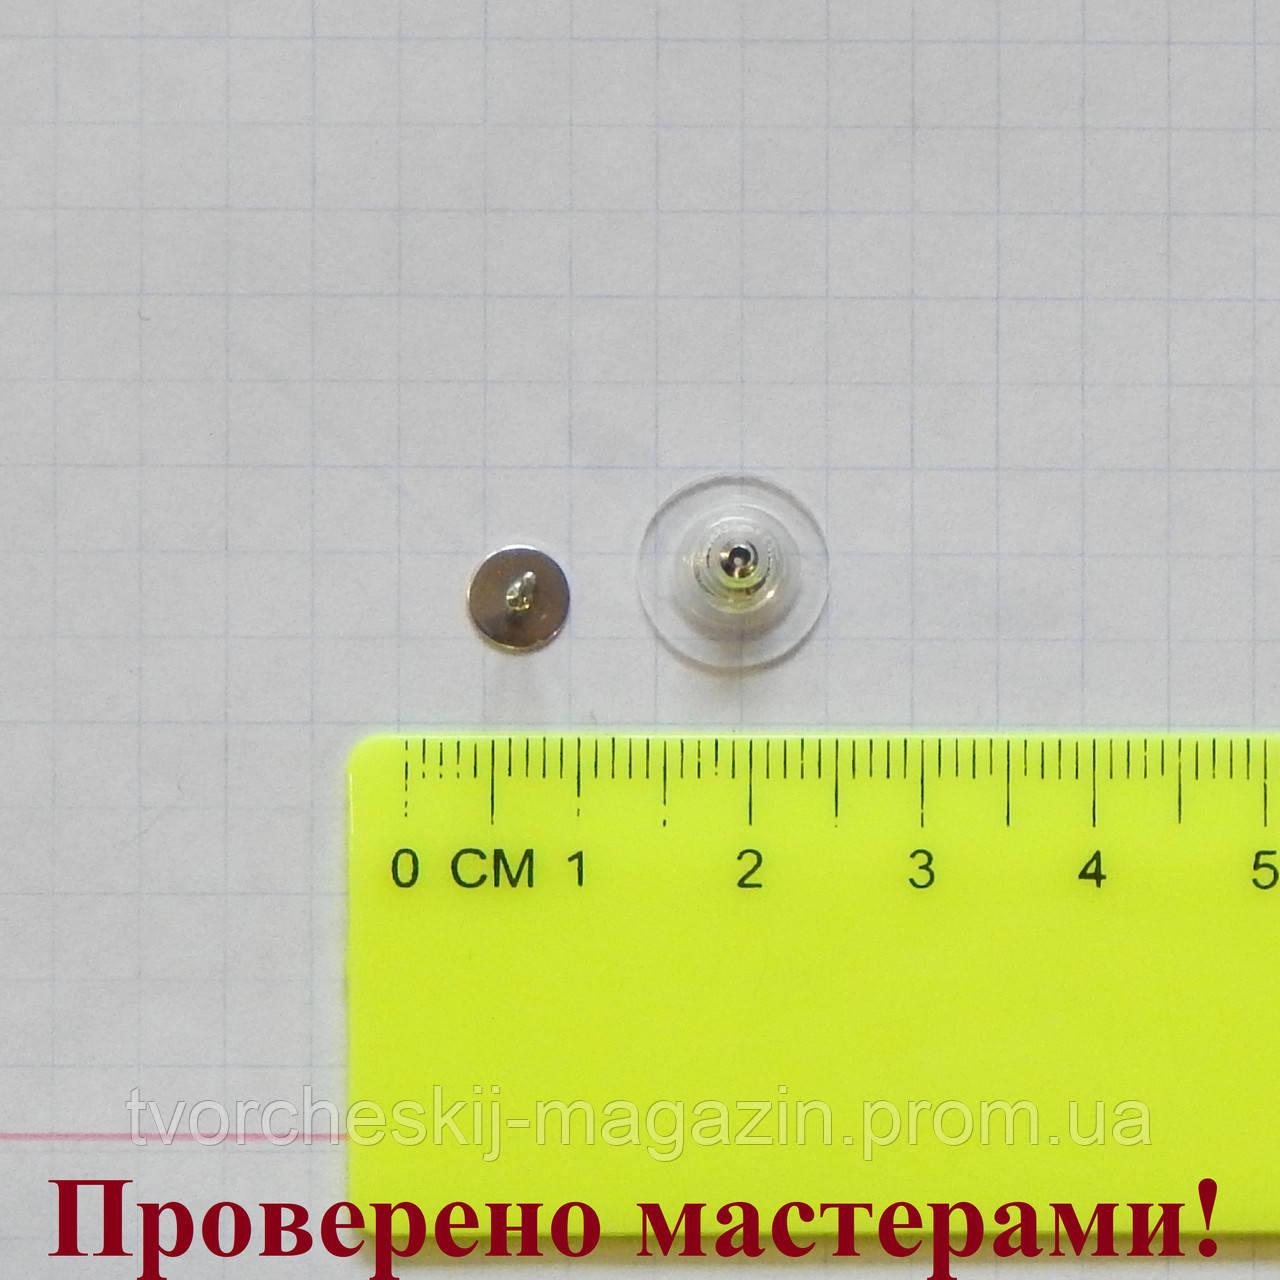 Основа для пусет (гвоздиков) метал с заглушками, пара, 12/6 мм.